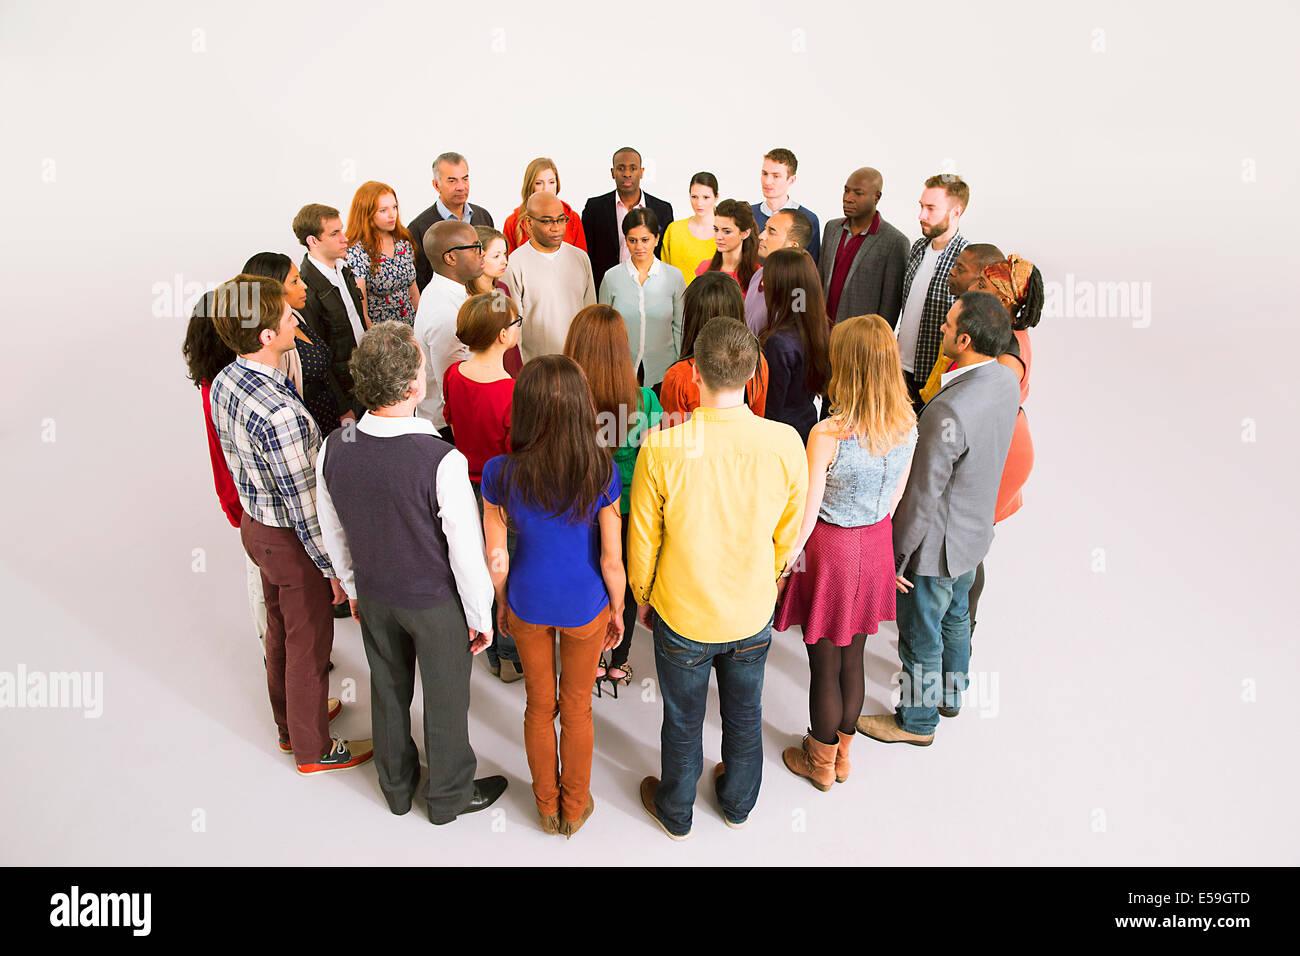 Les gens d'affaires de huddle Photo Stock